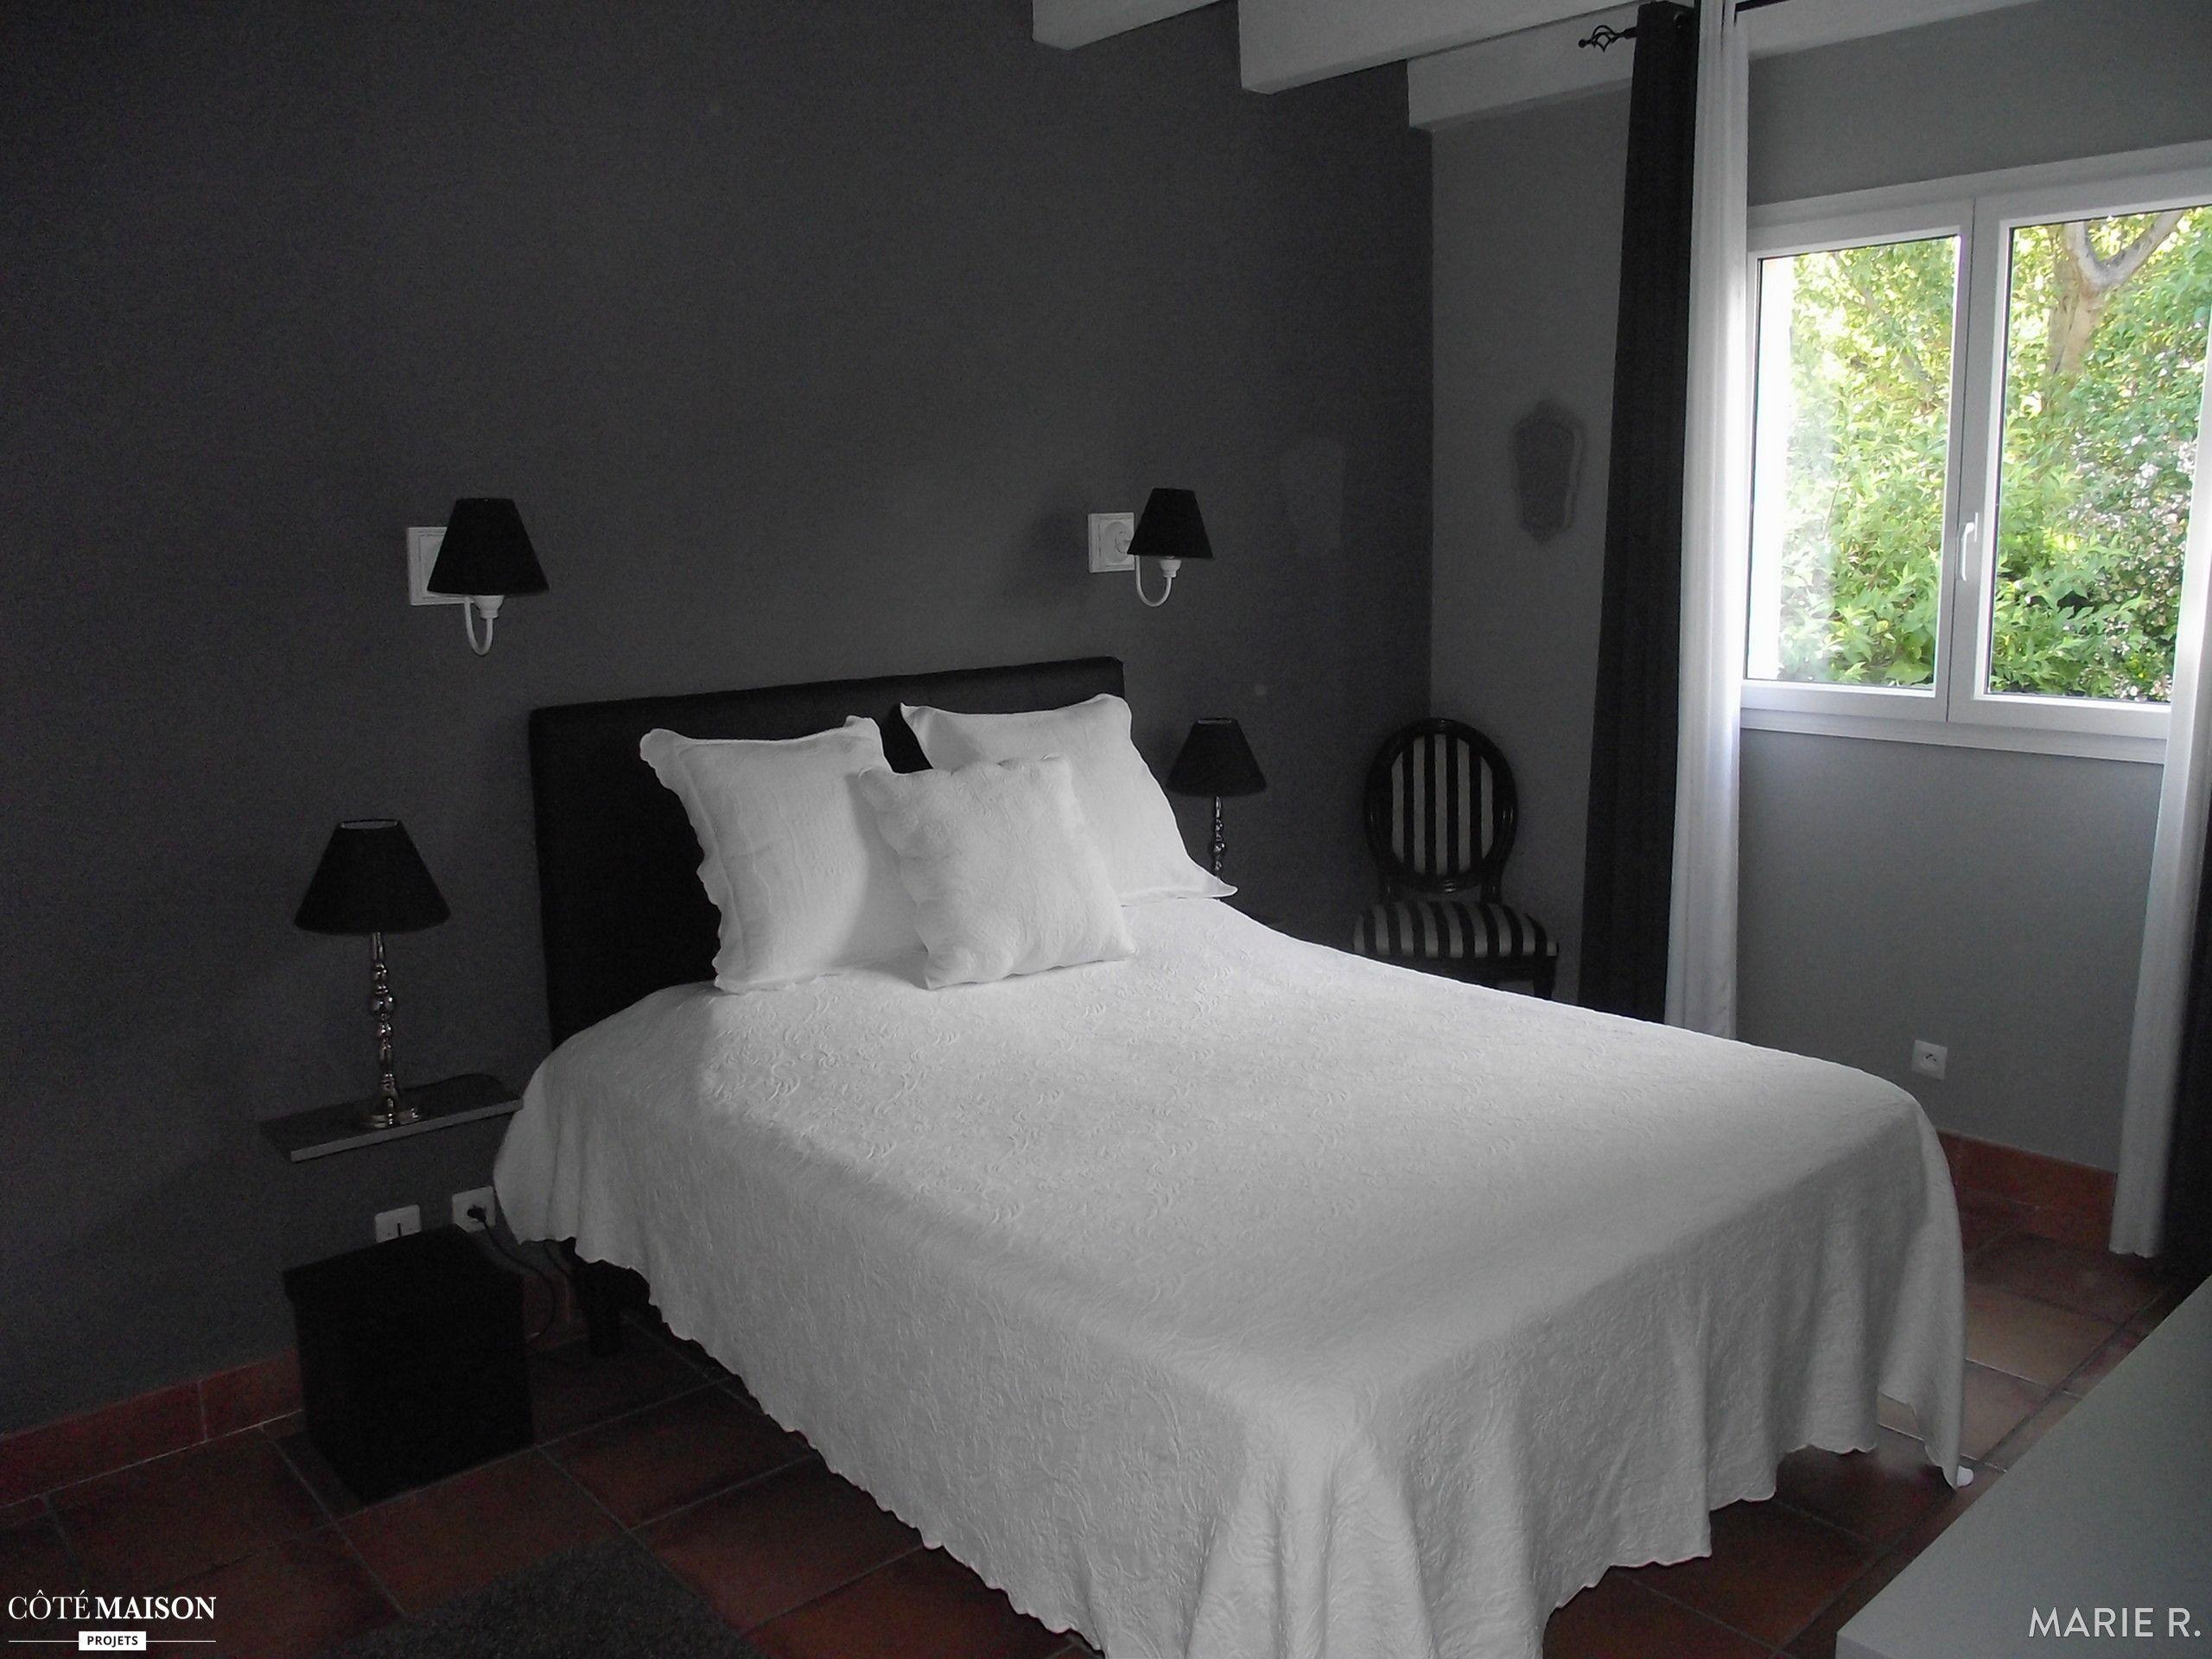 Une chambre grise aux poutres blanches apparentes Charmant